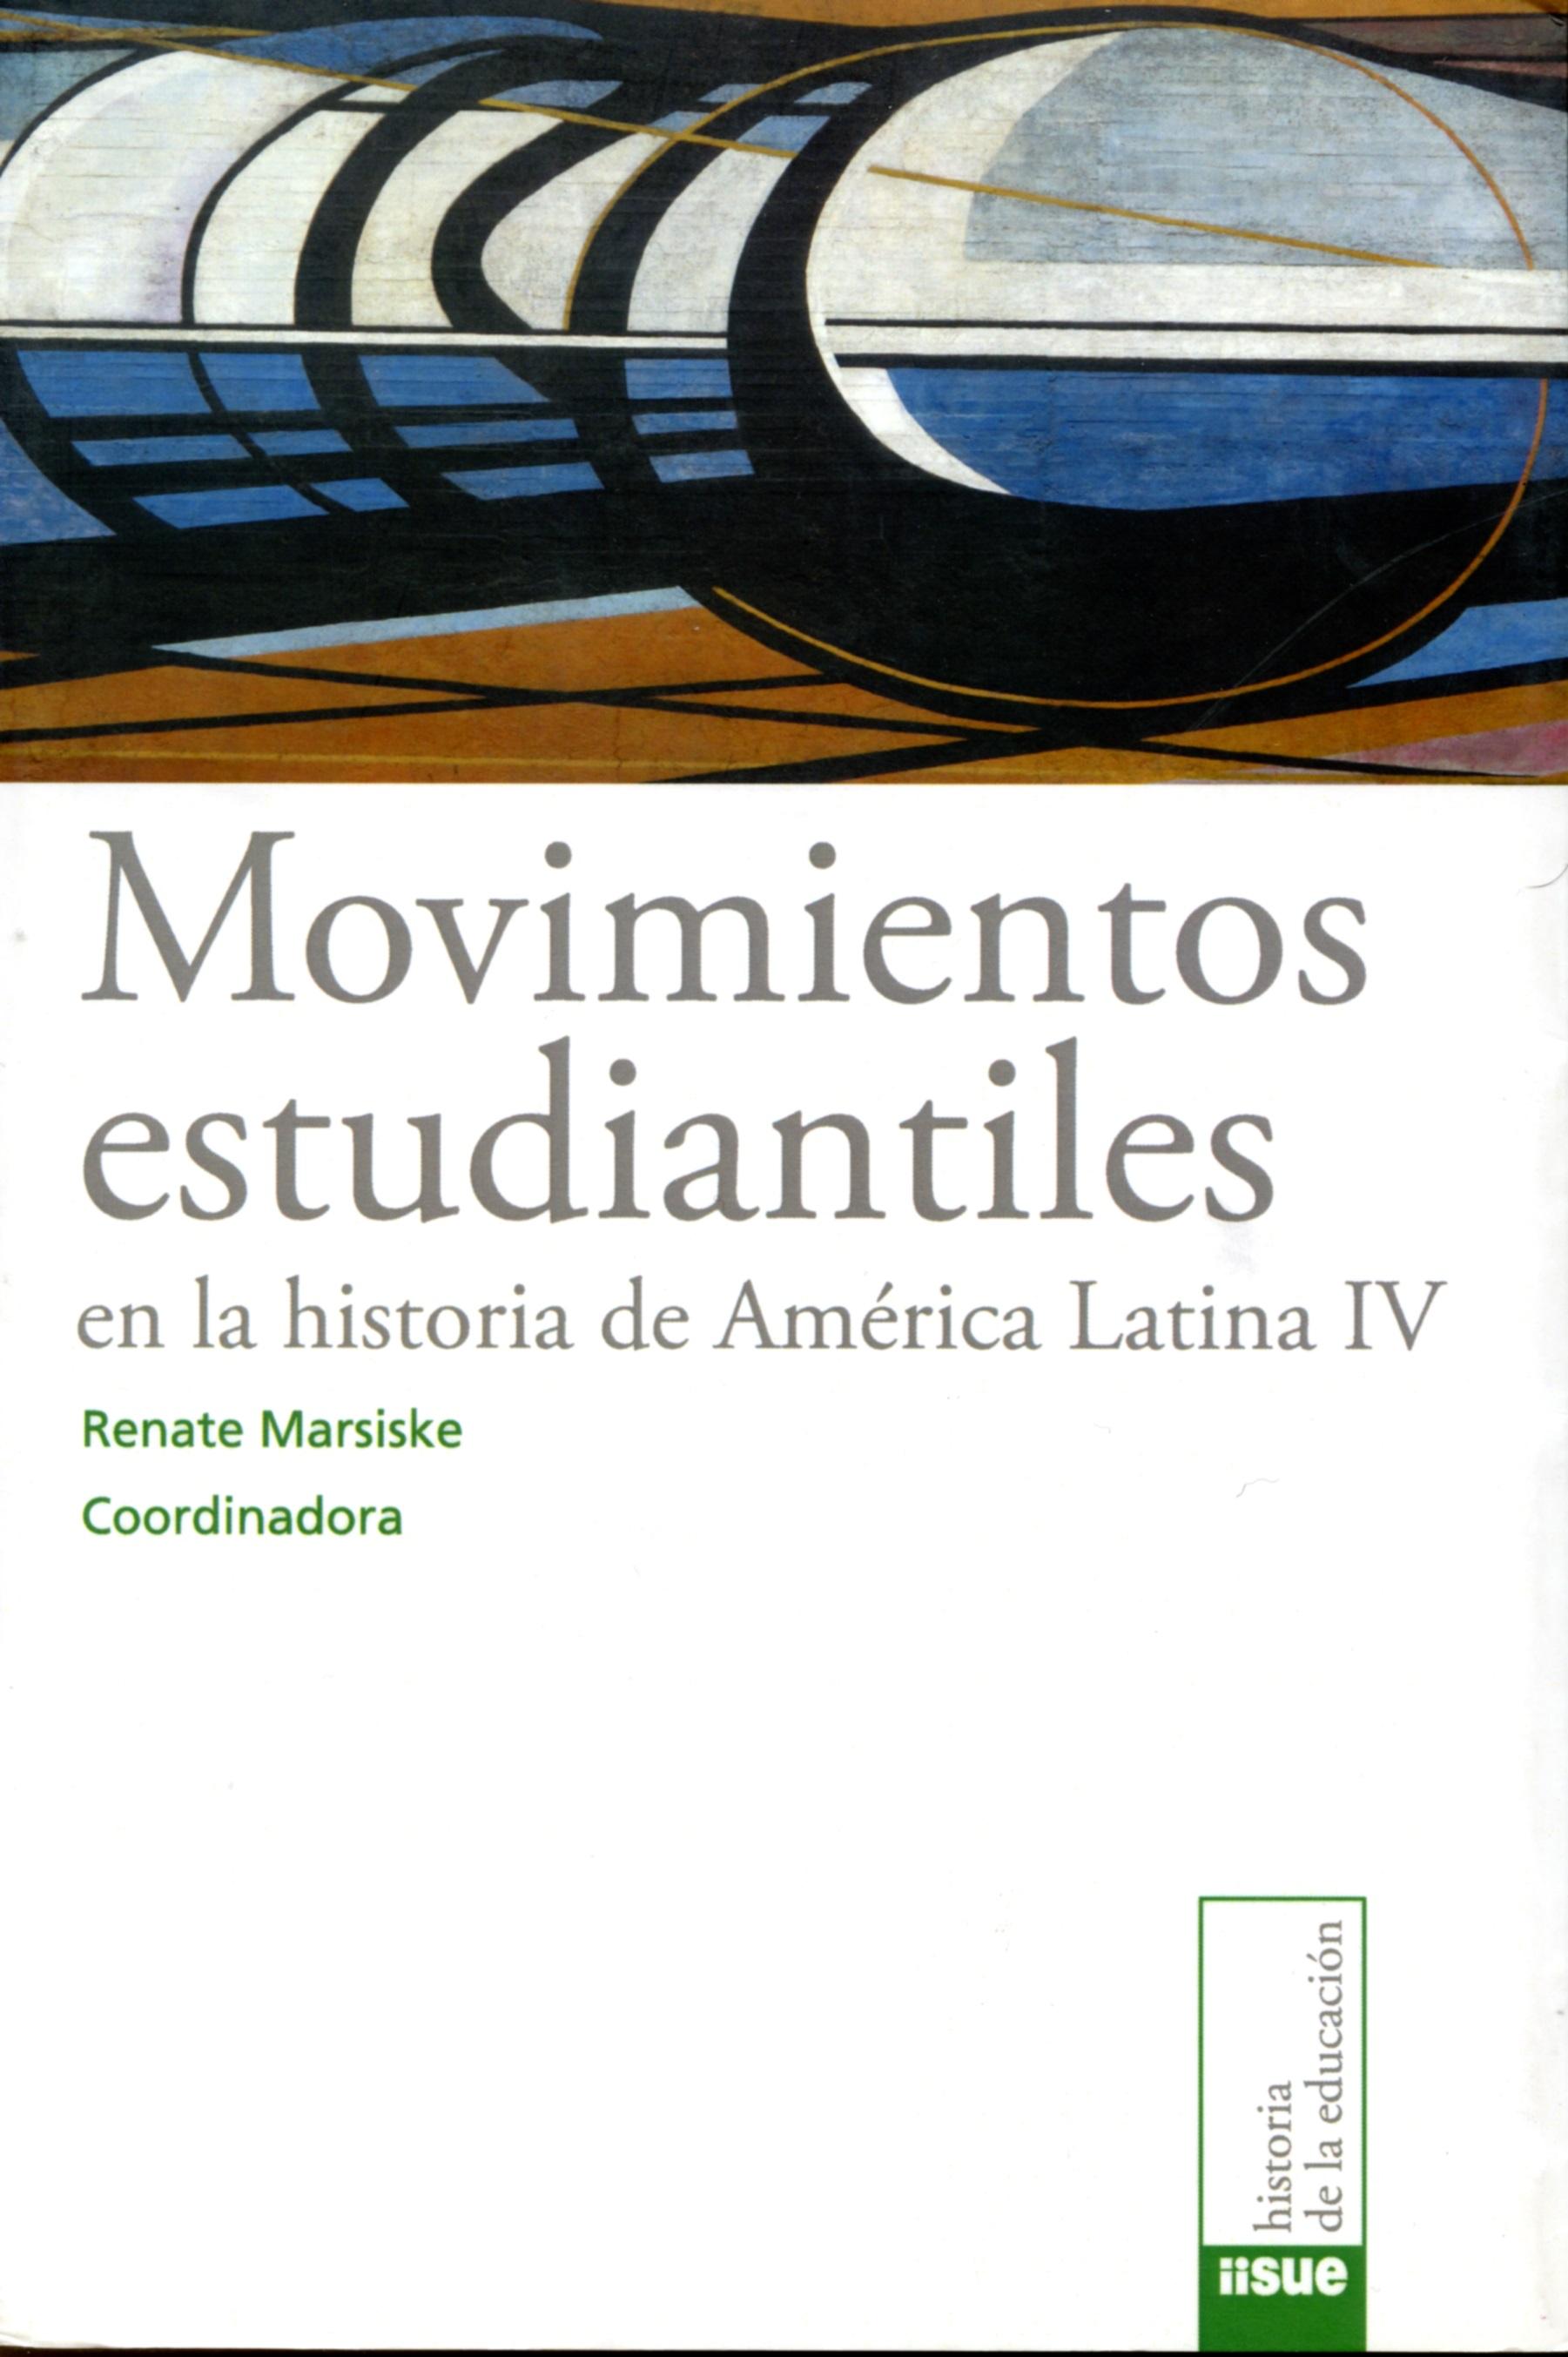 Movimientos estudiantiles en la historia de América Latina IV